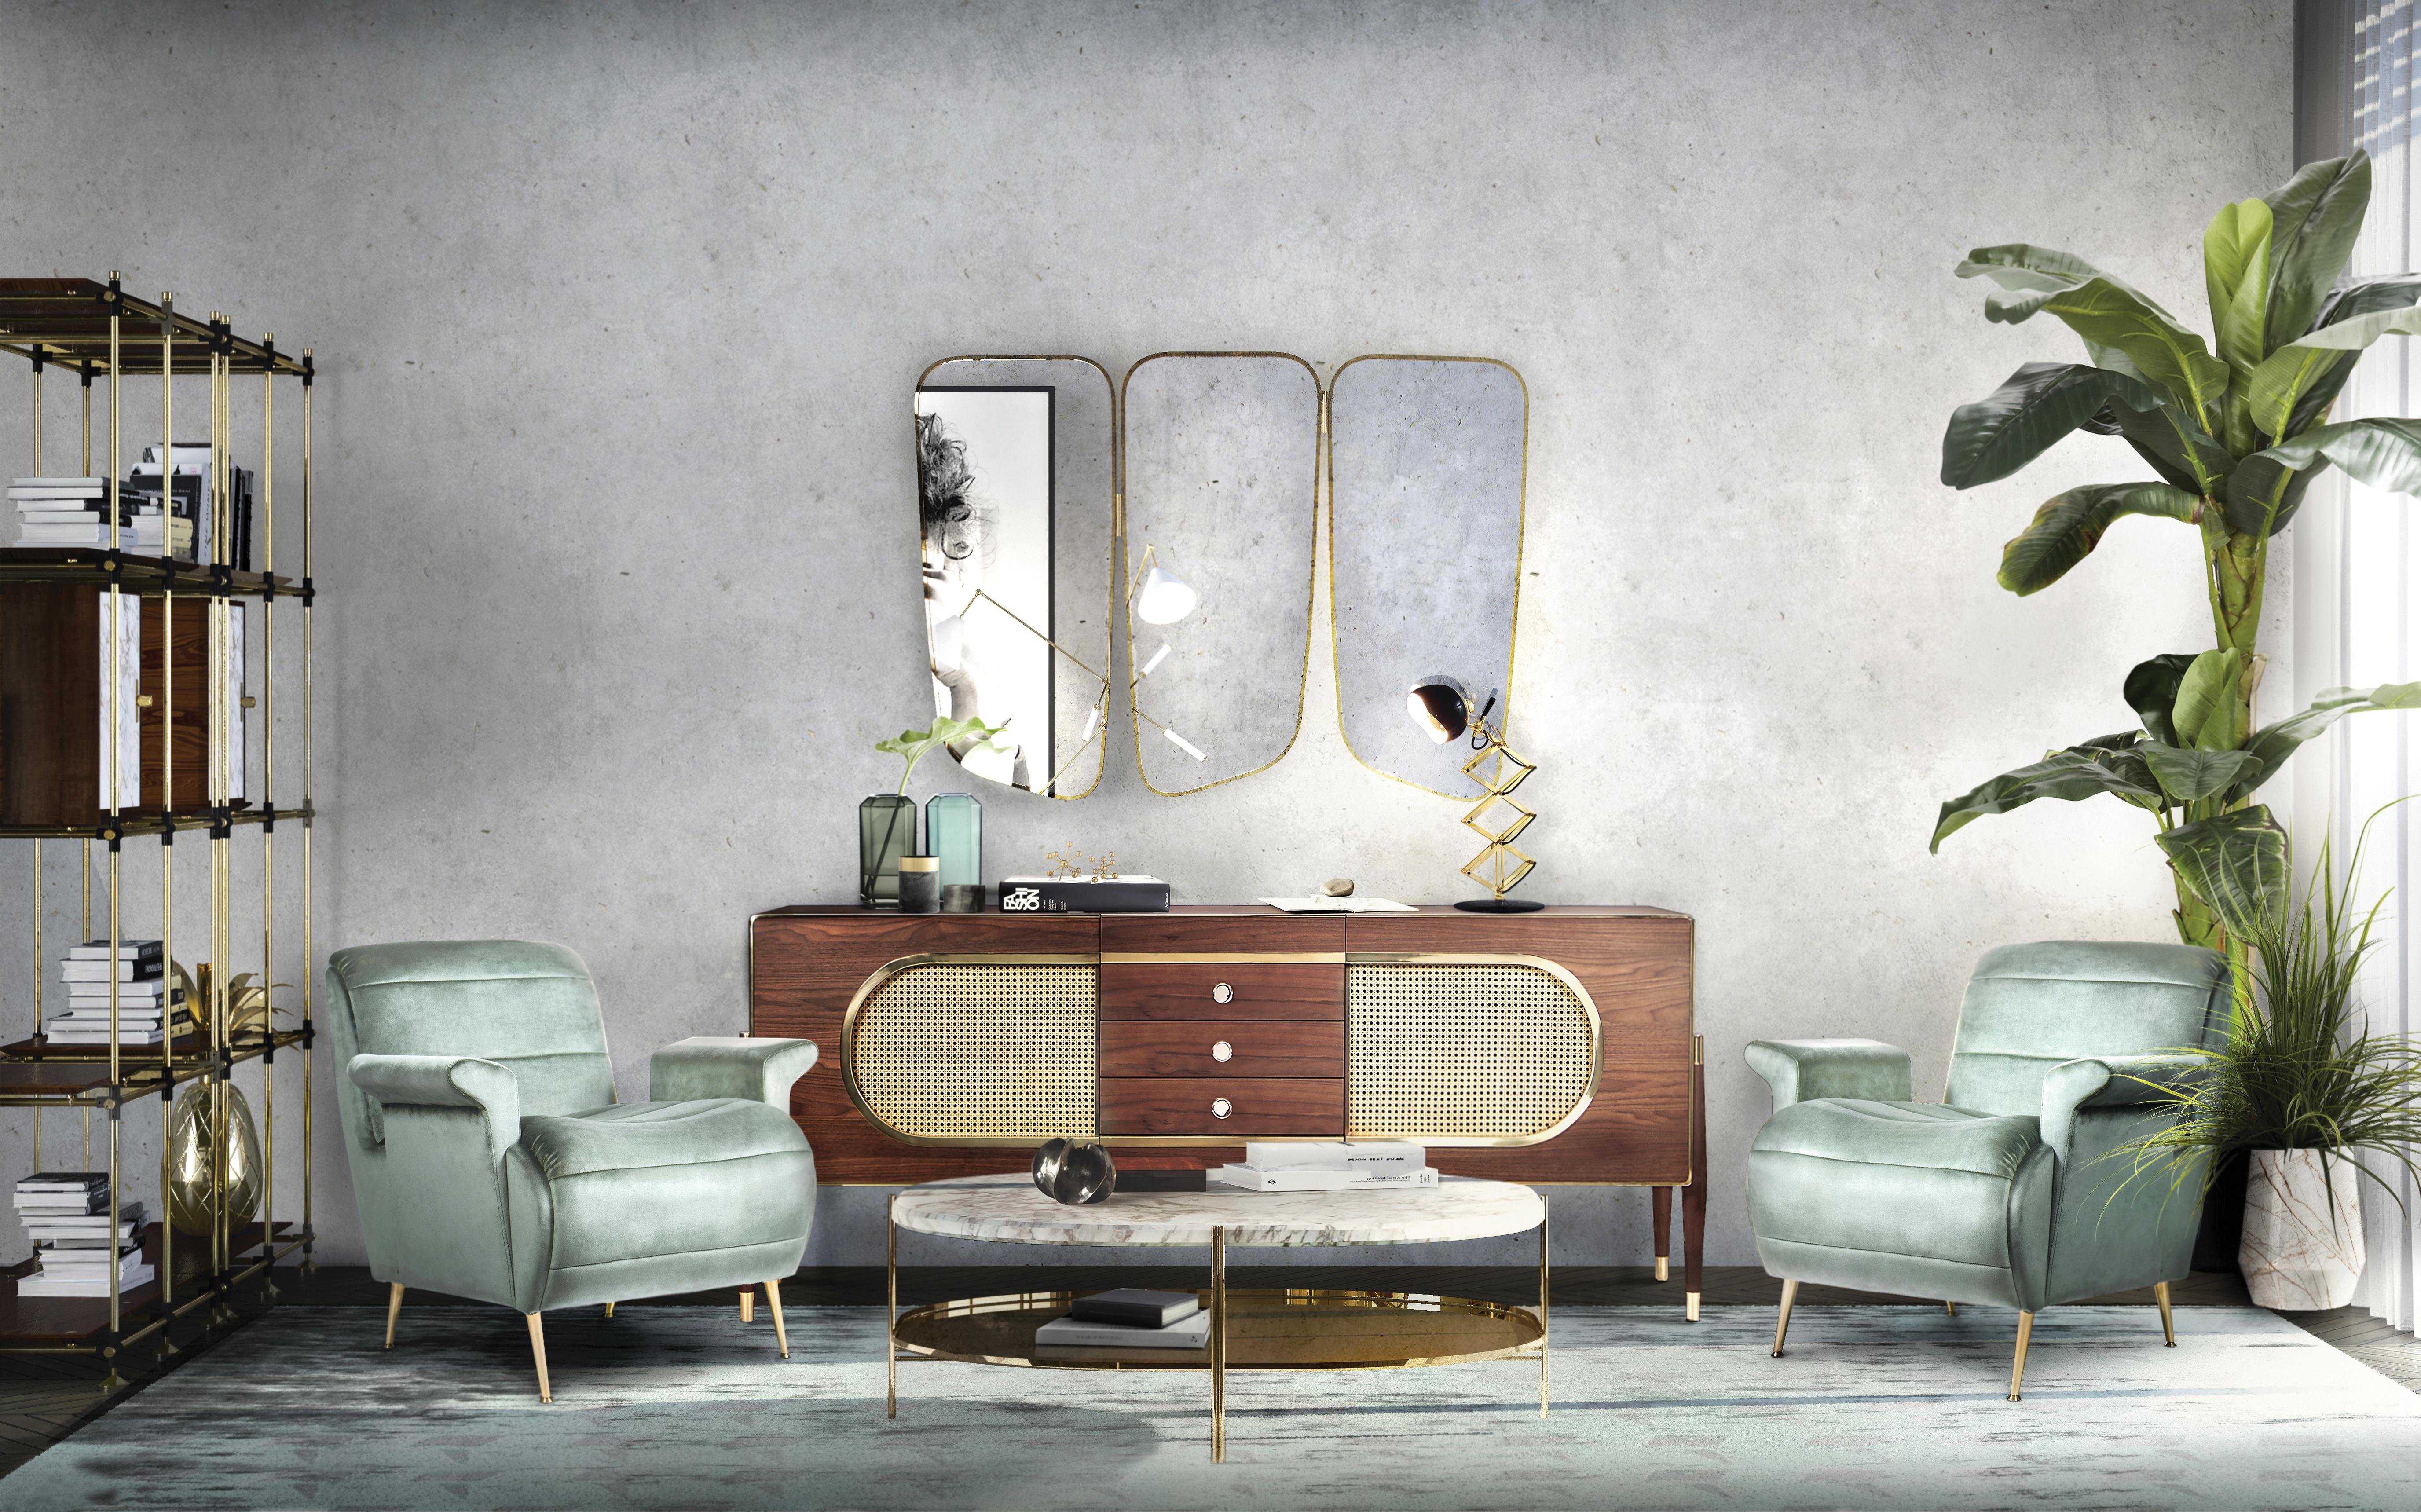 Zrcadla jako výzdoba interiéru